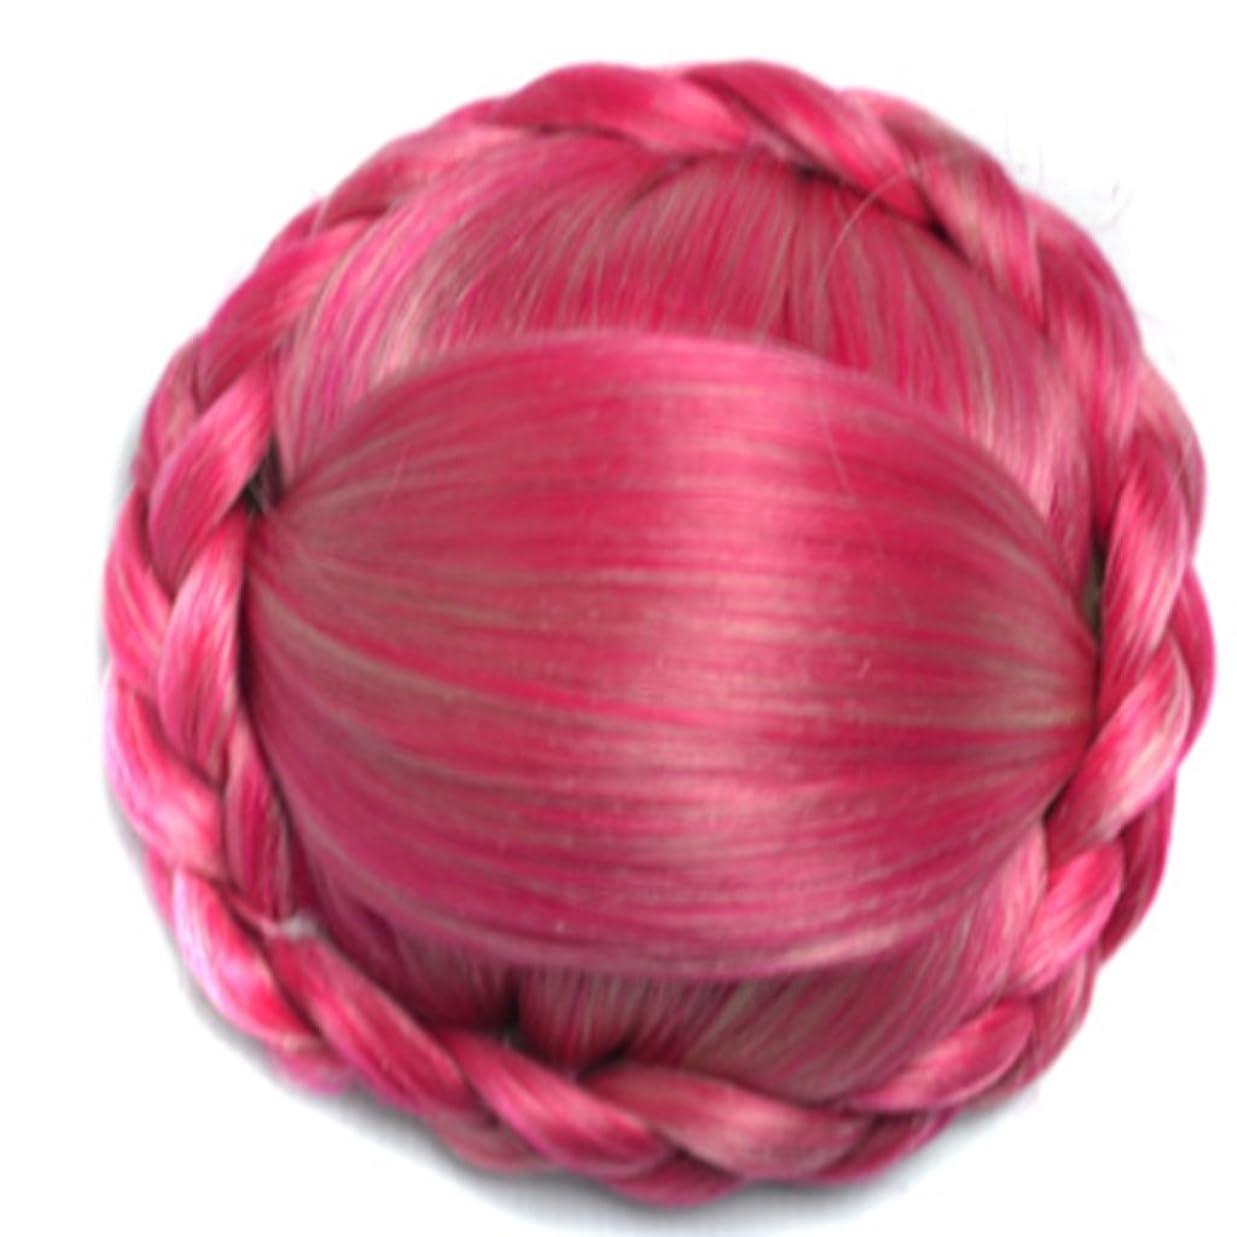 準備ができてコーヒー窓Doyvanntgo 化学繊維で作られた合成ウィッグ、ヴィンテージブレイドで包まれた拡張赤毛は軽くて可能です82g (Color : レッド)